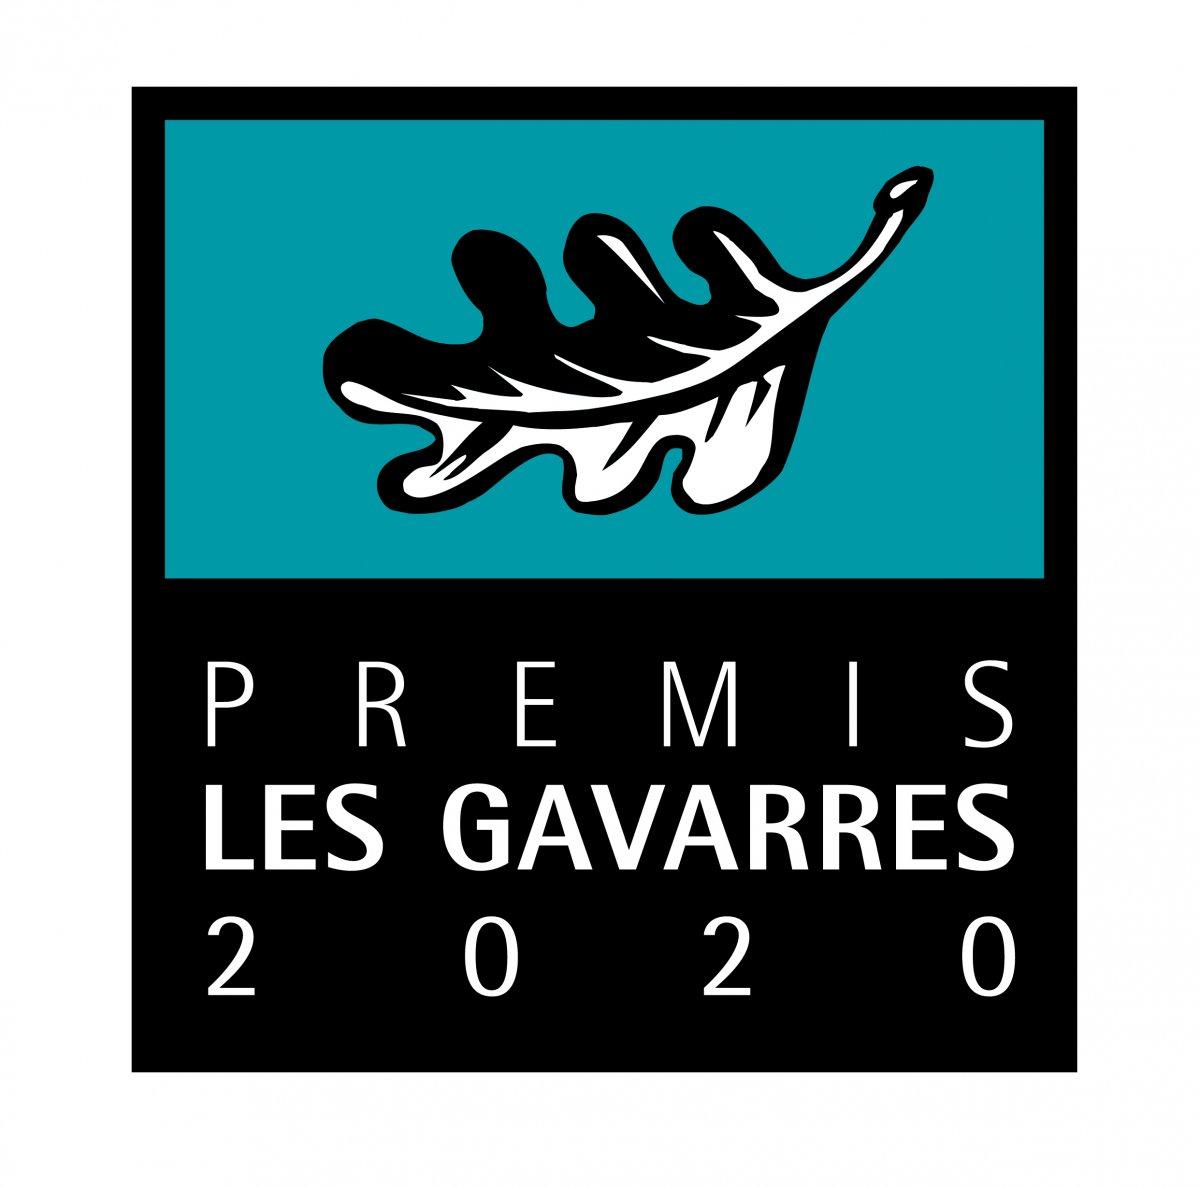 Logotip dels premis les Gavarres